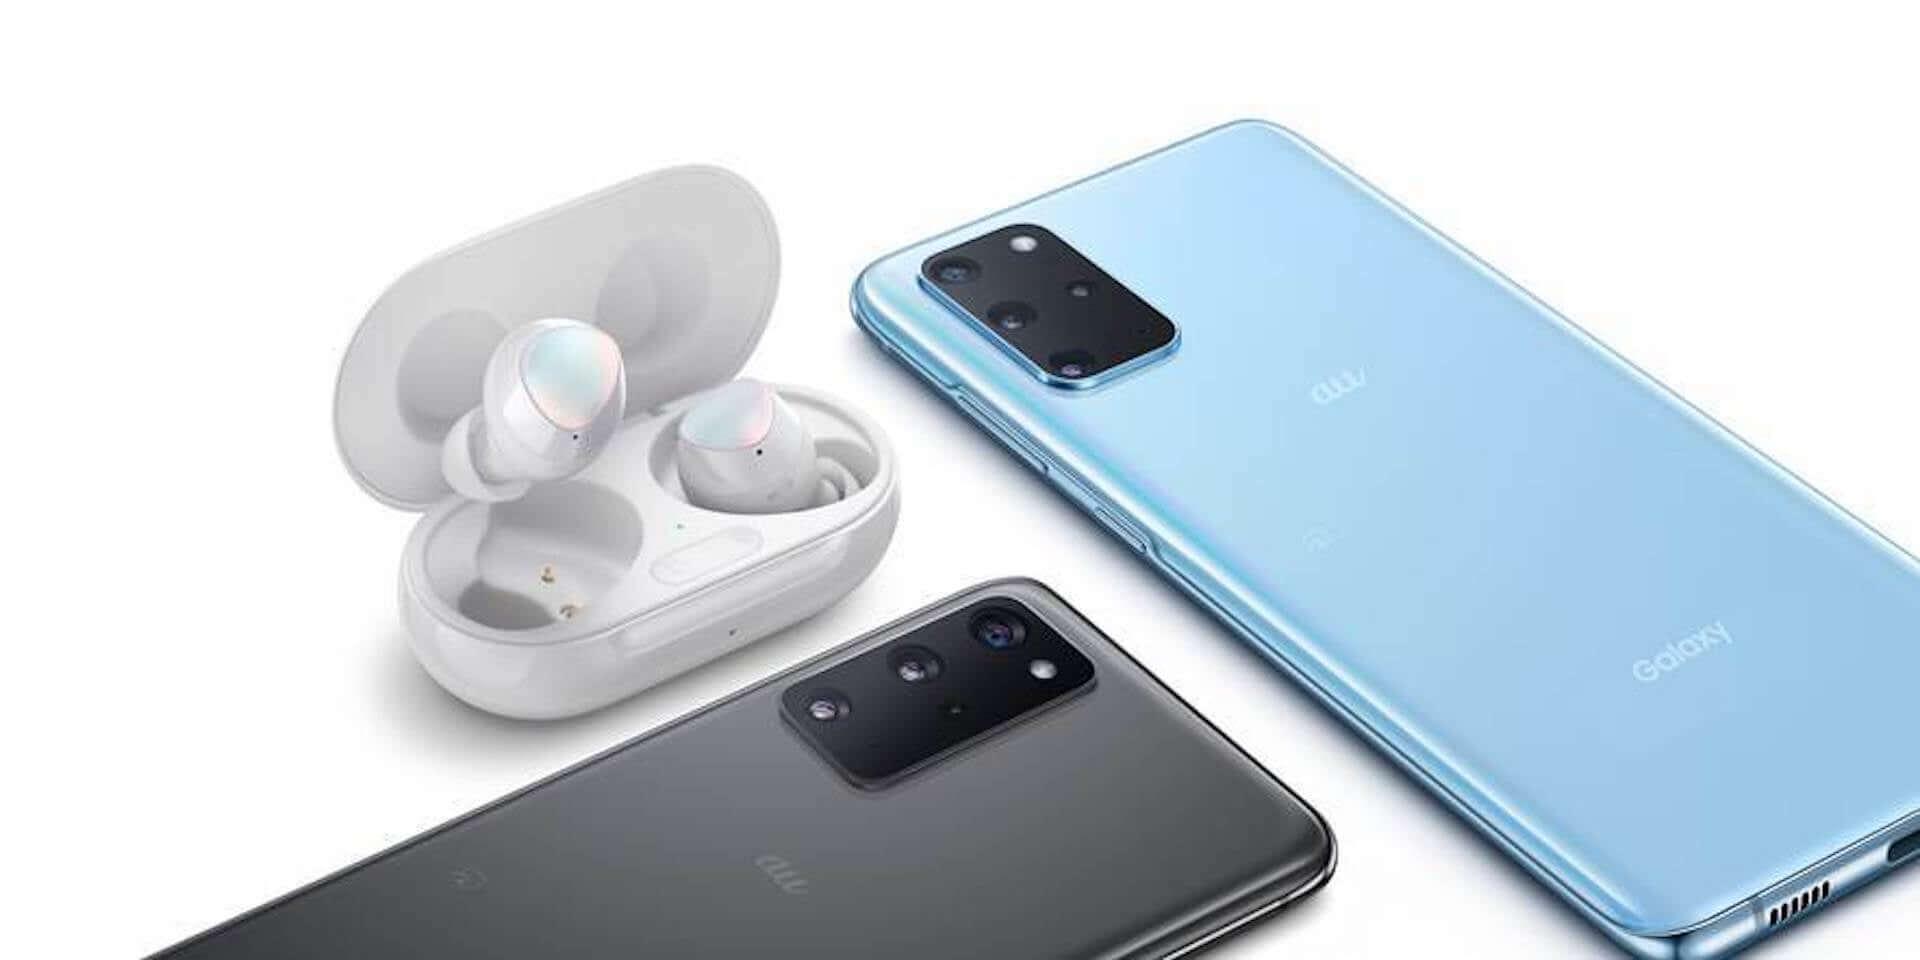 Samsungの5G対応スマホ『Galaxy S20+ 5G』がauから発売決定!ワイヤレスイヤホンが必ずもらえるキャンペーンも tech200526_galaxy_s20_7-1920x960